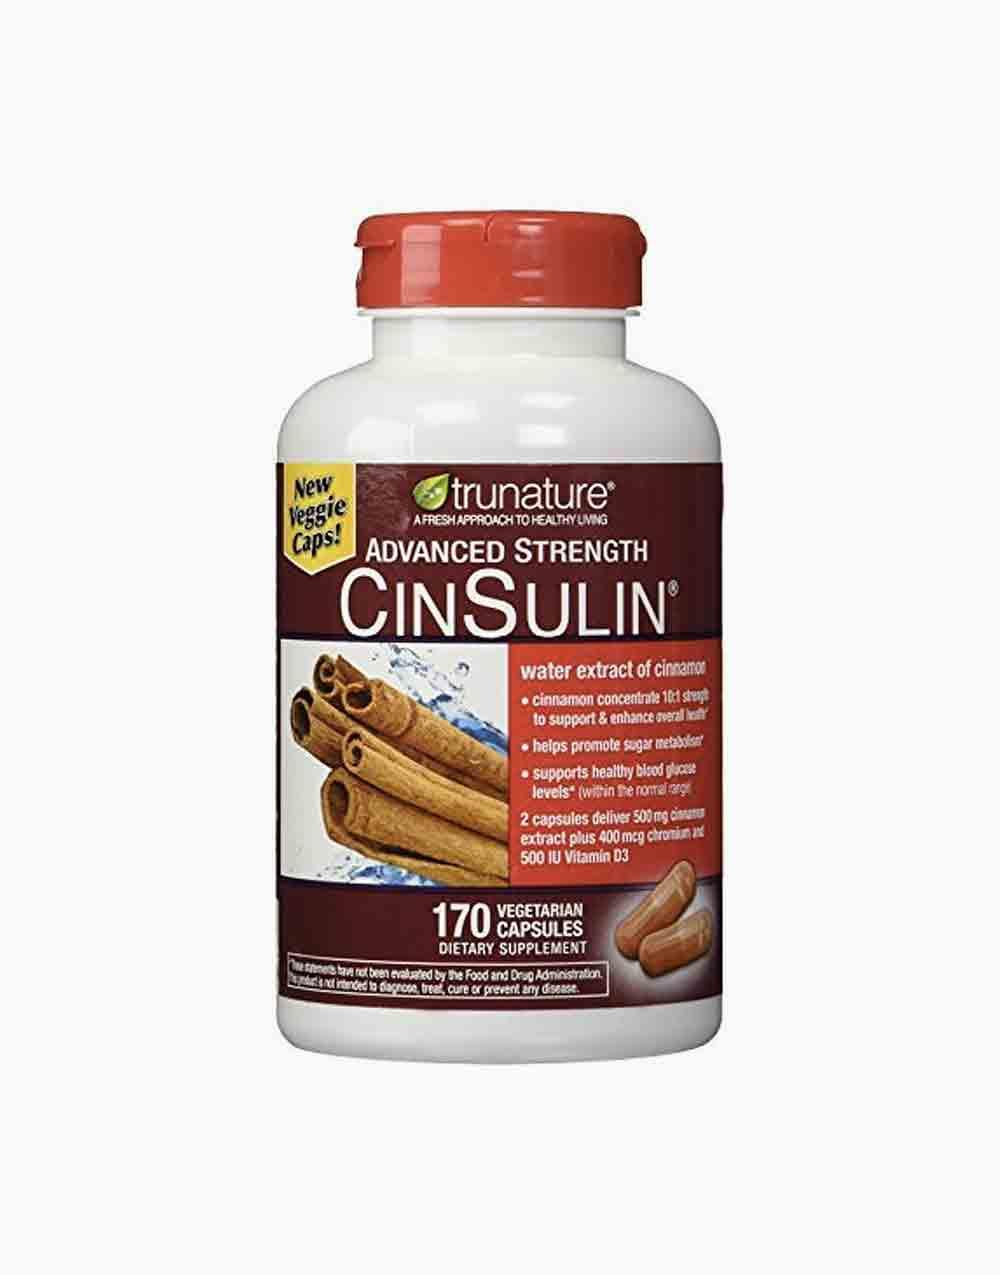 Advanced Strength CinSulin by Tru Nature Vitamins